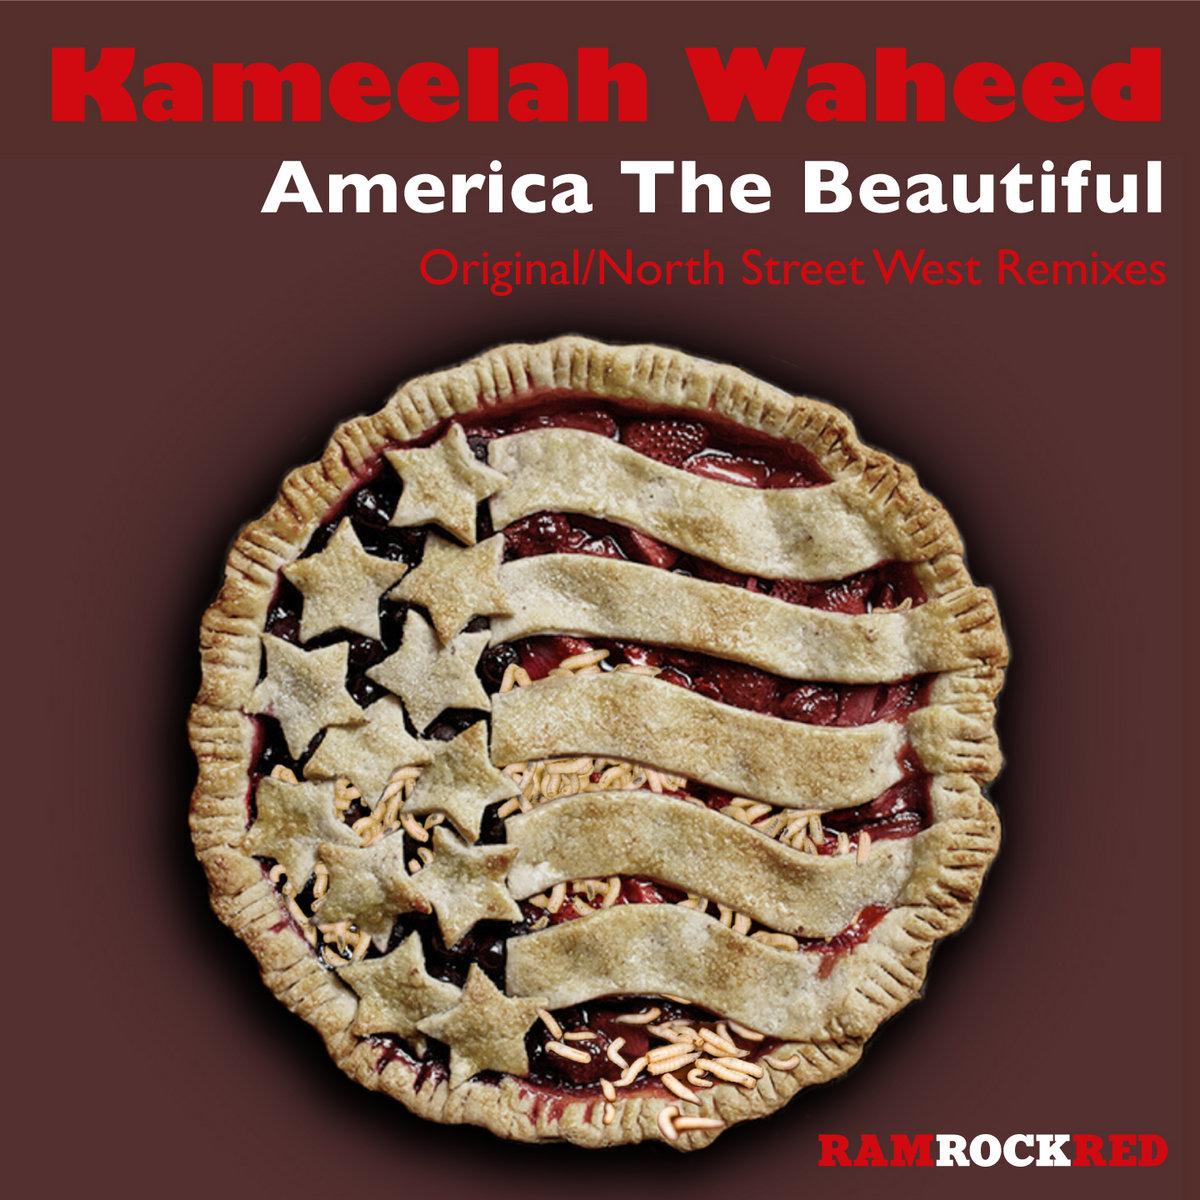 Kameelah Waheed ART